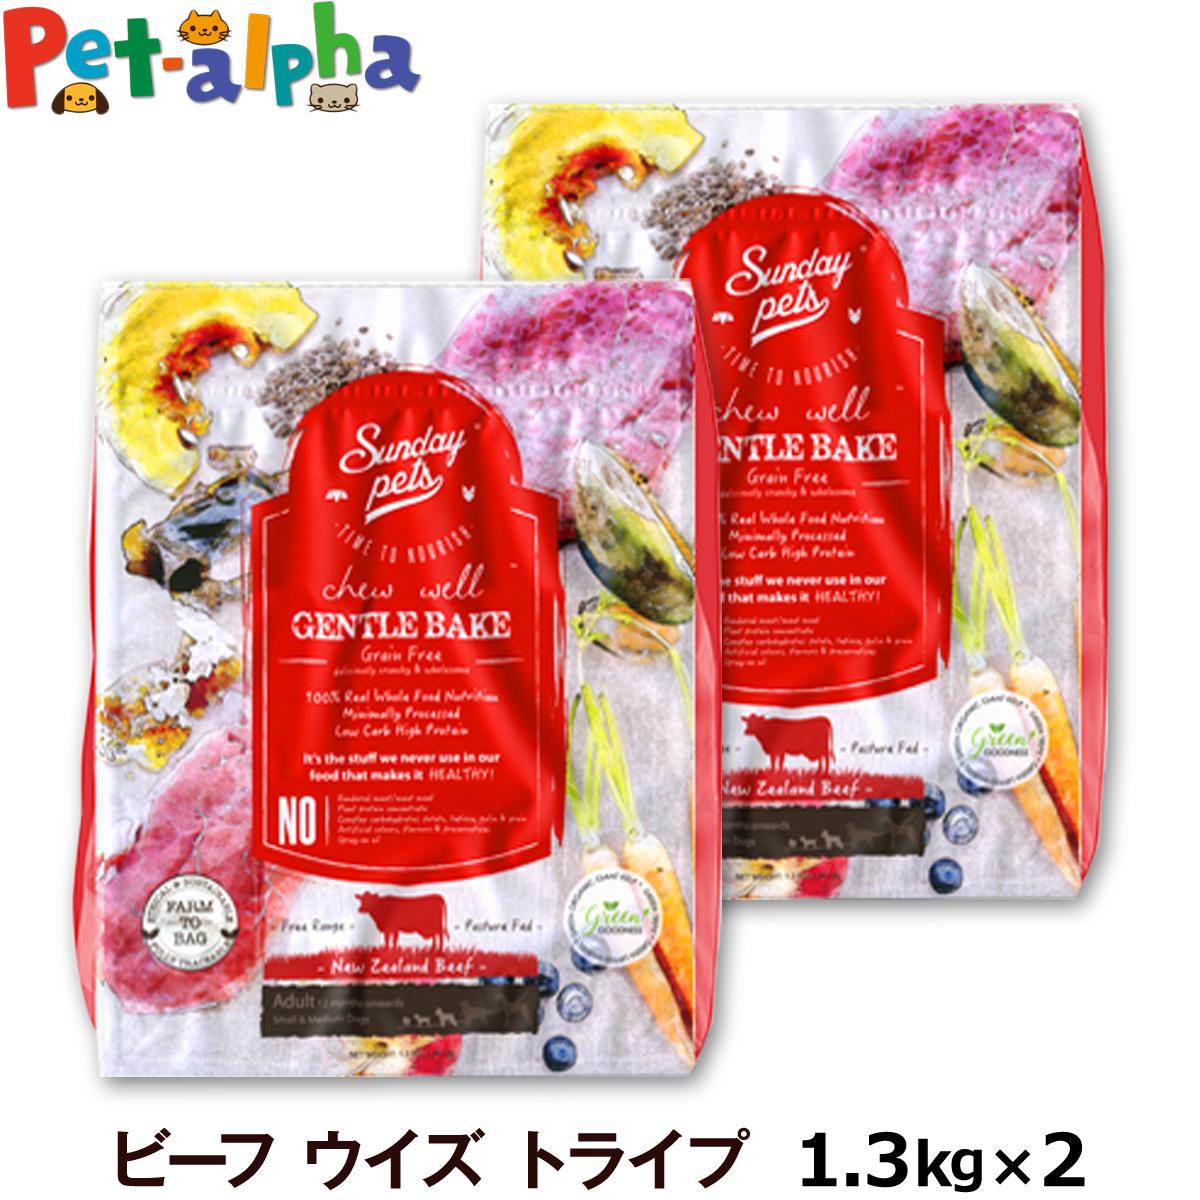 原料は100%ニュージーランド産 グレインフリードッグフード Sunday Pets 期間限定特価品 安心の実績 高価 買取 強化中 ビーフ サンデーペッツ ジェントルベイクグレインフリー 1.5kg×2個セット